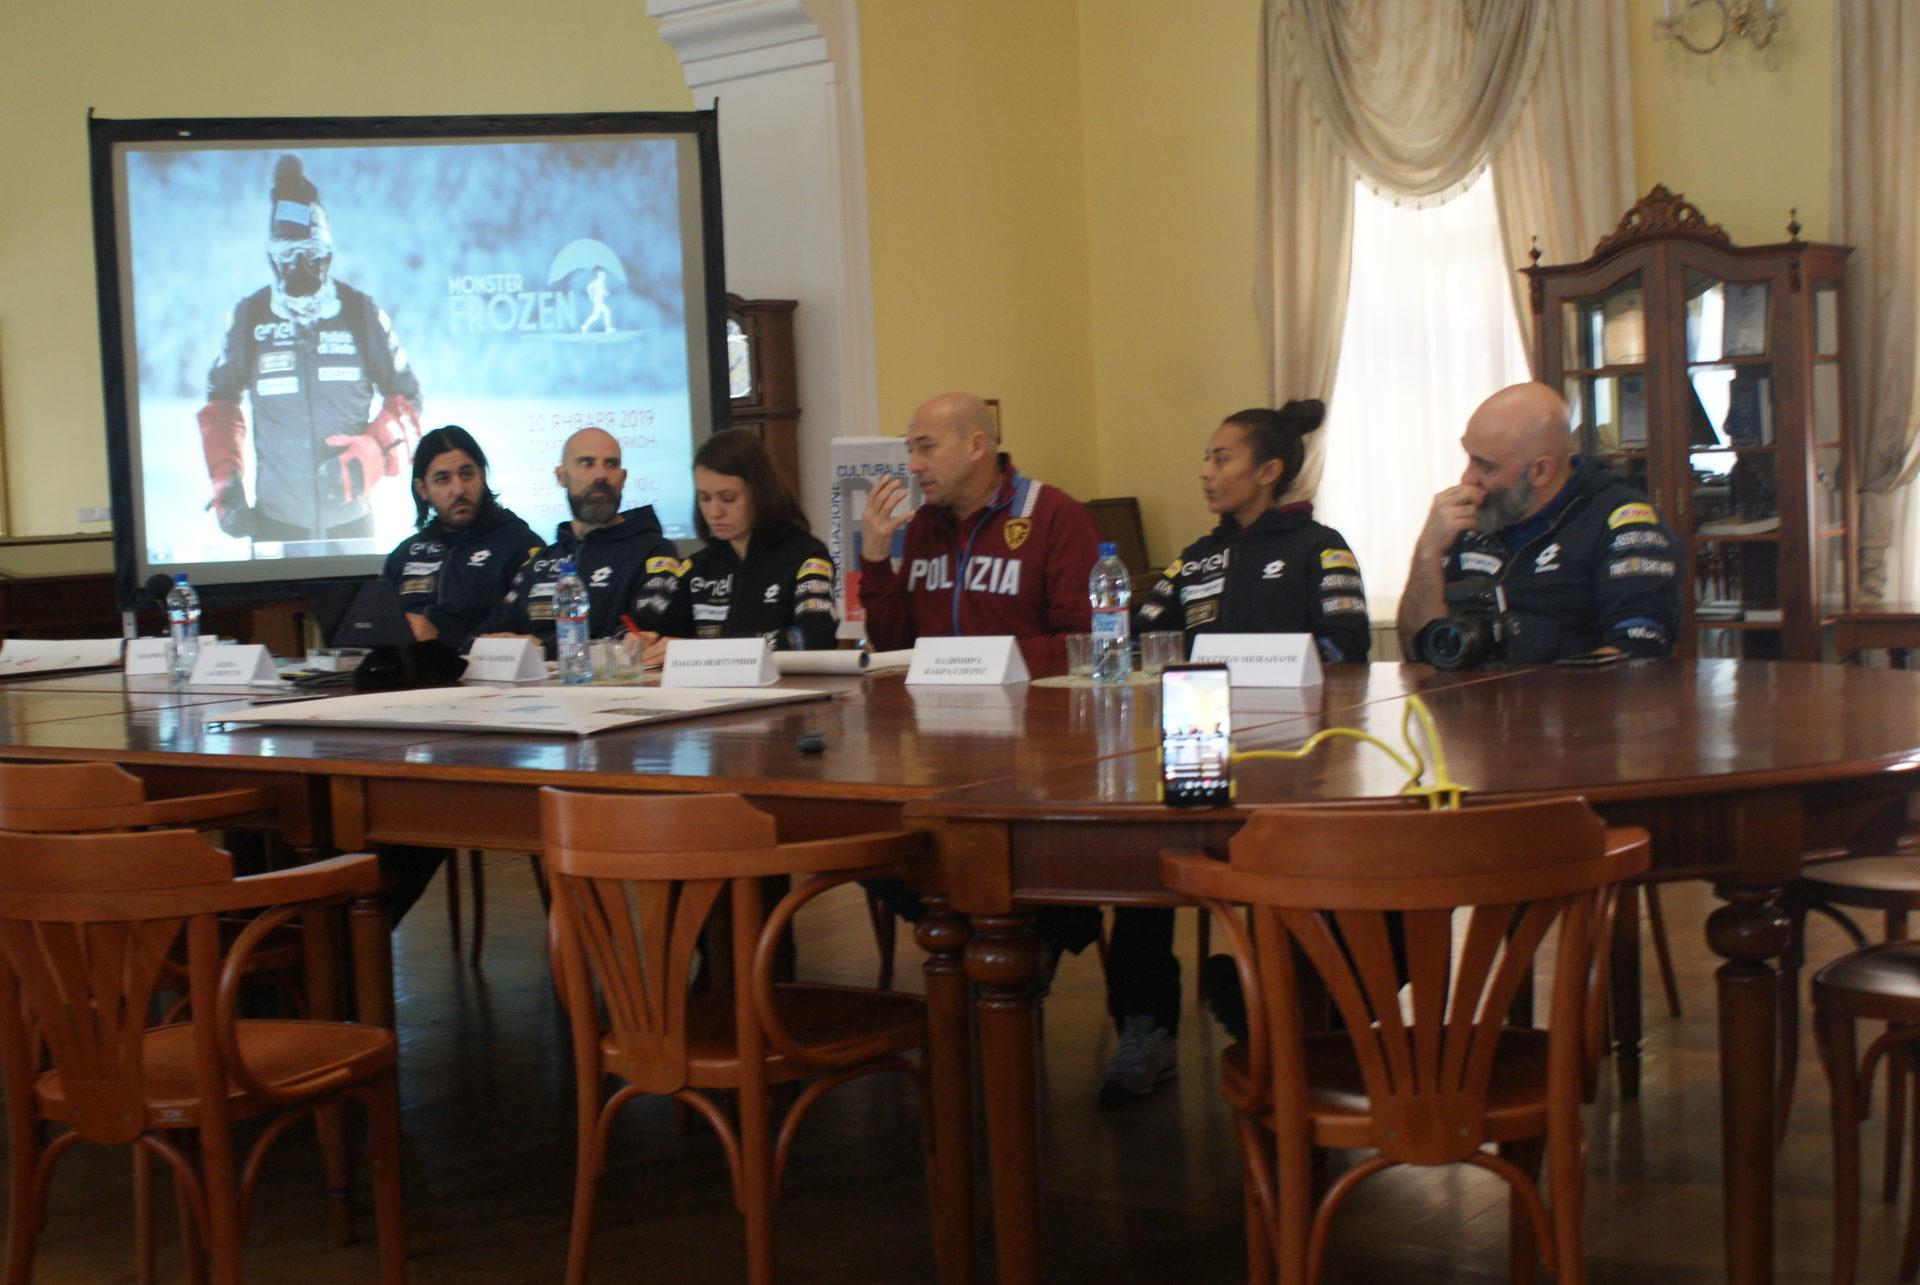 Итальянский ультрамарафонец Паоло Вентурини поделился впечатлениями от забега на Полюсе холода